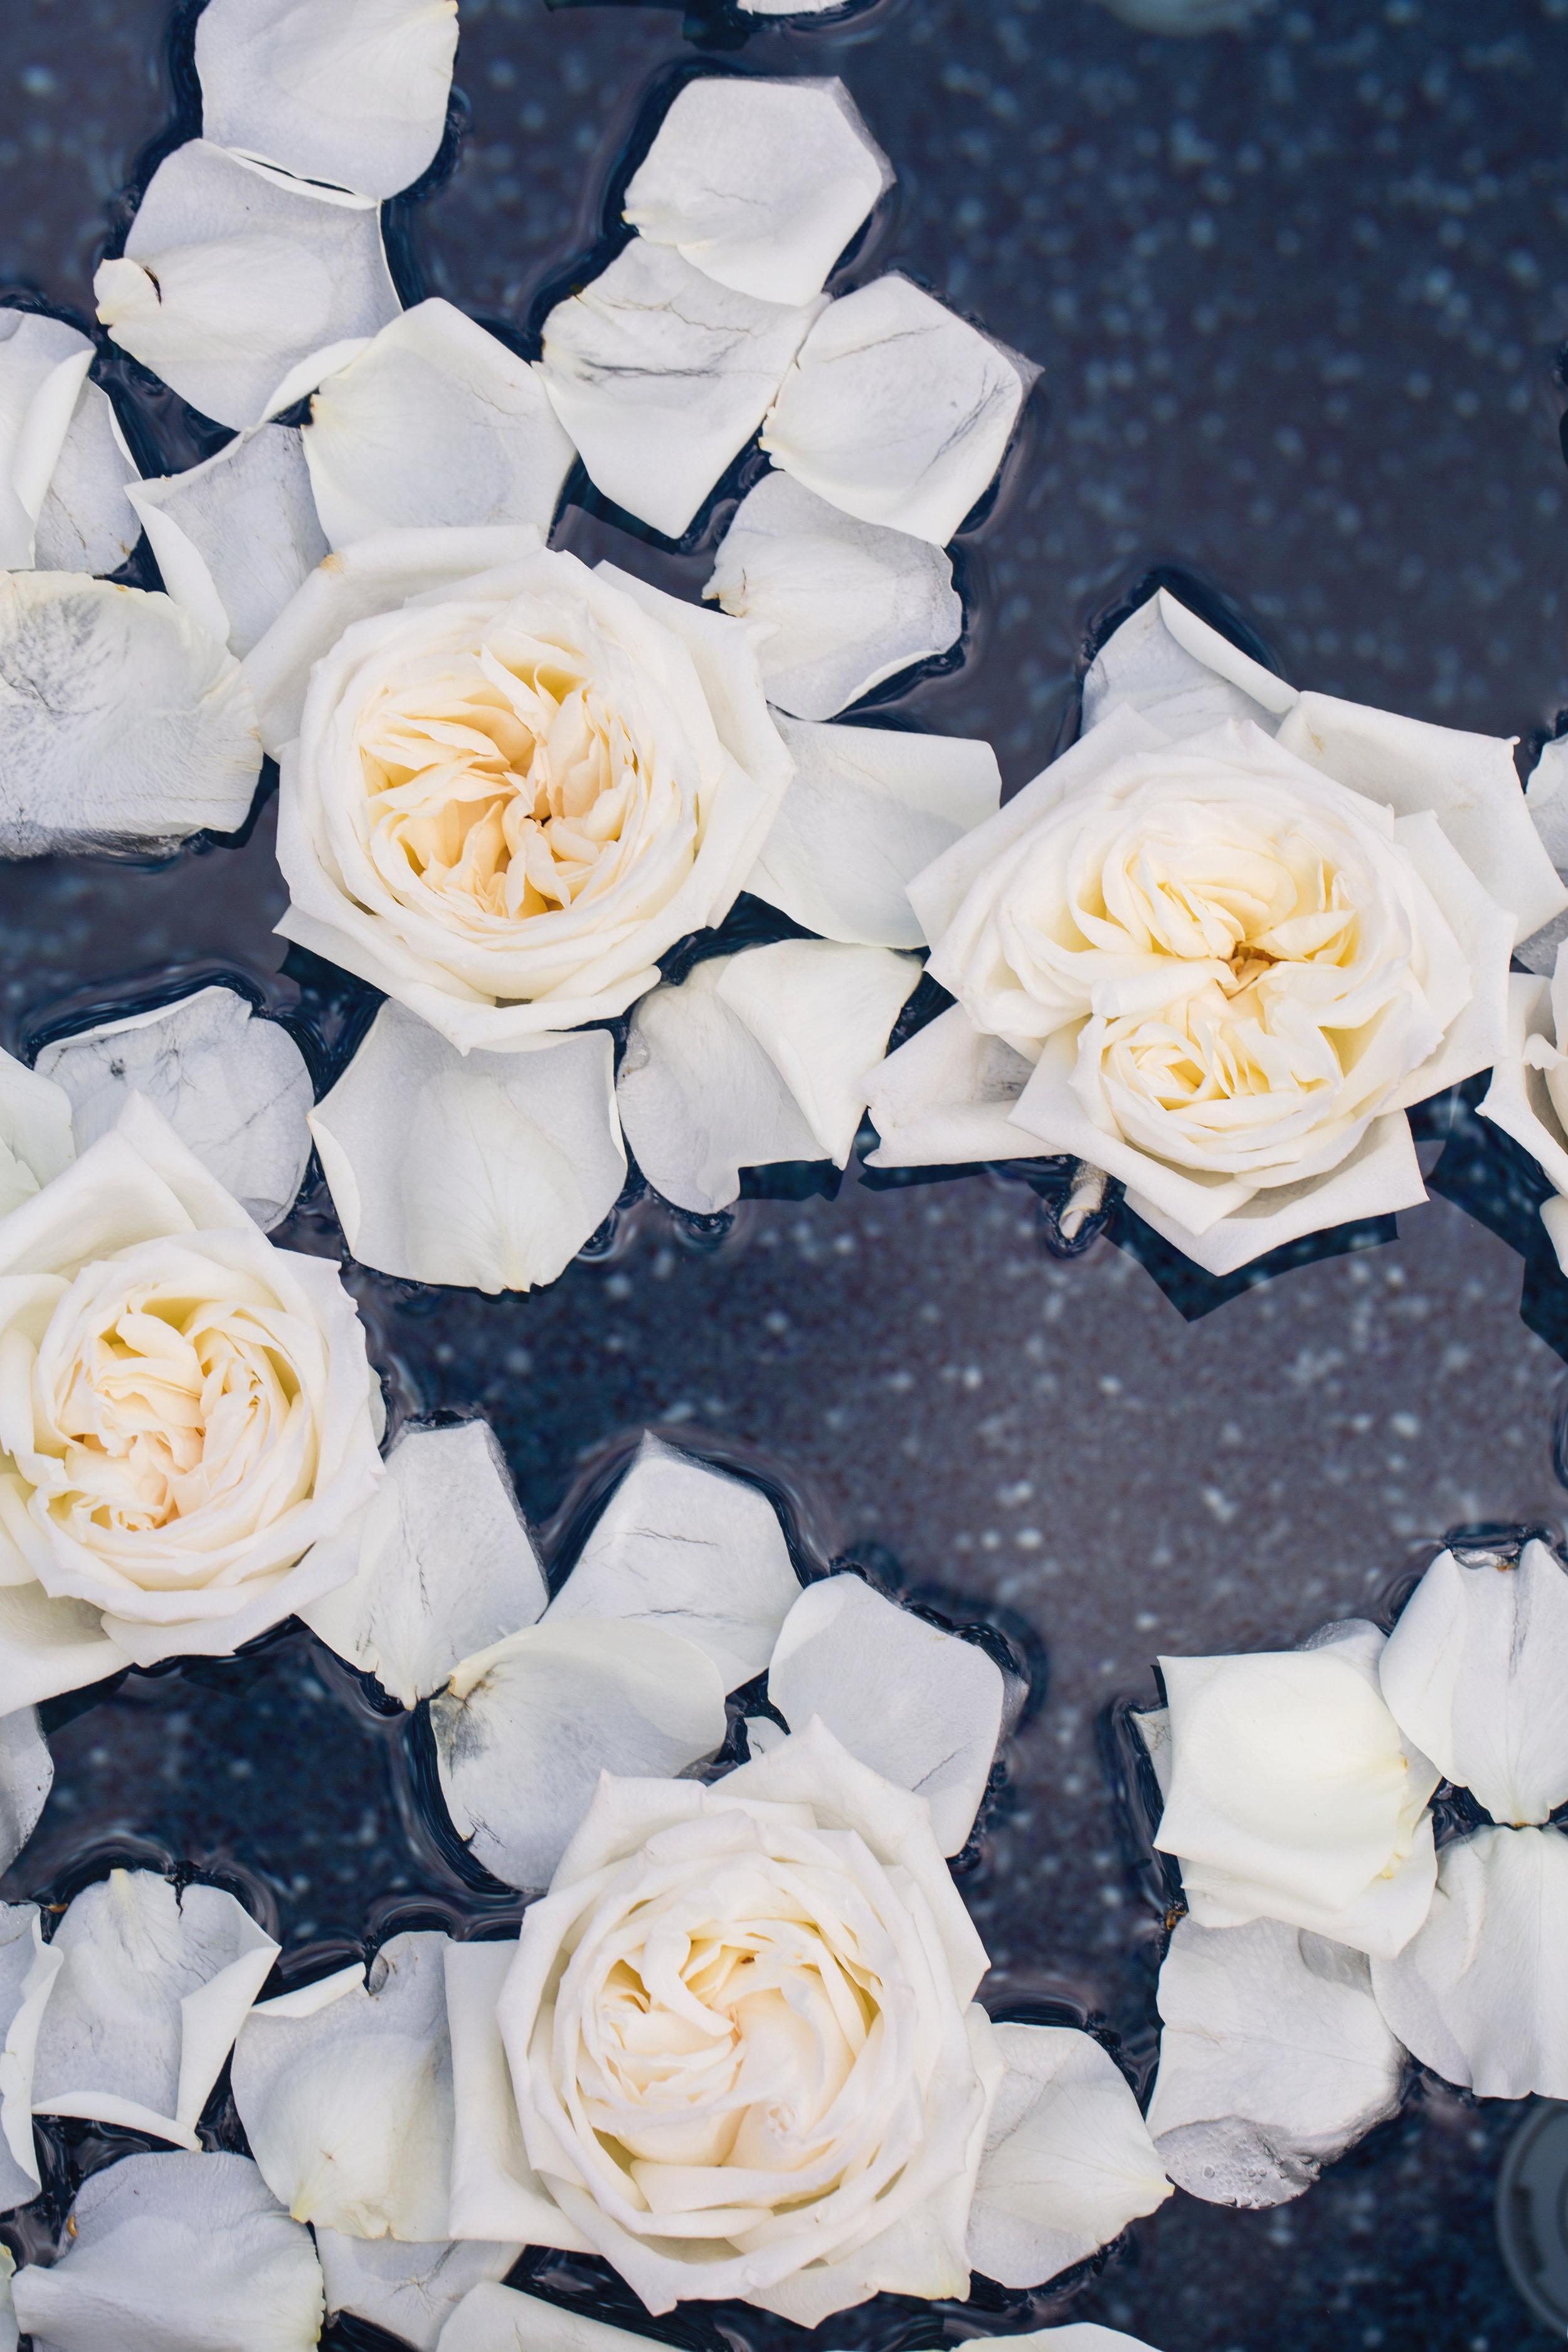 Floating-Flowers-Water-Houston-Florist-Home-Wedding.jpg